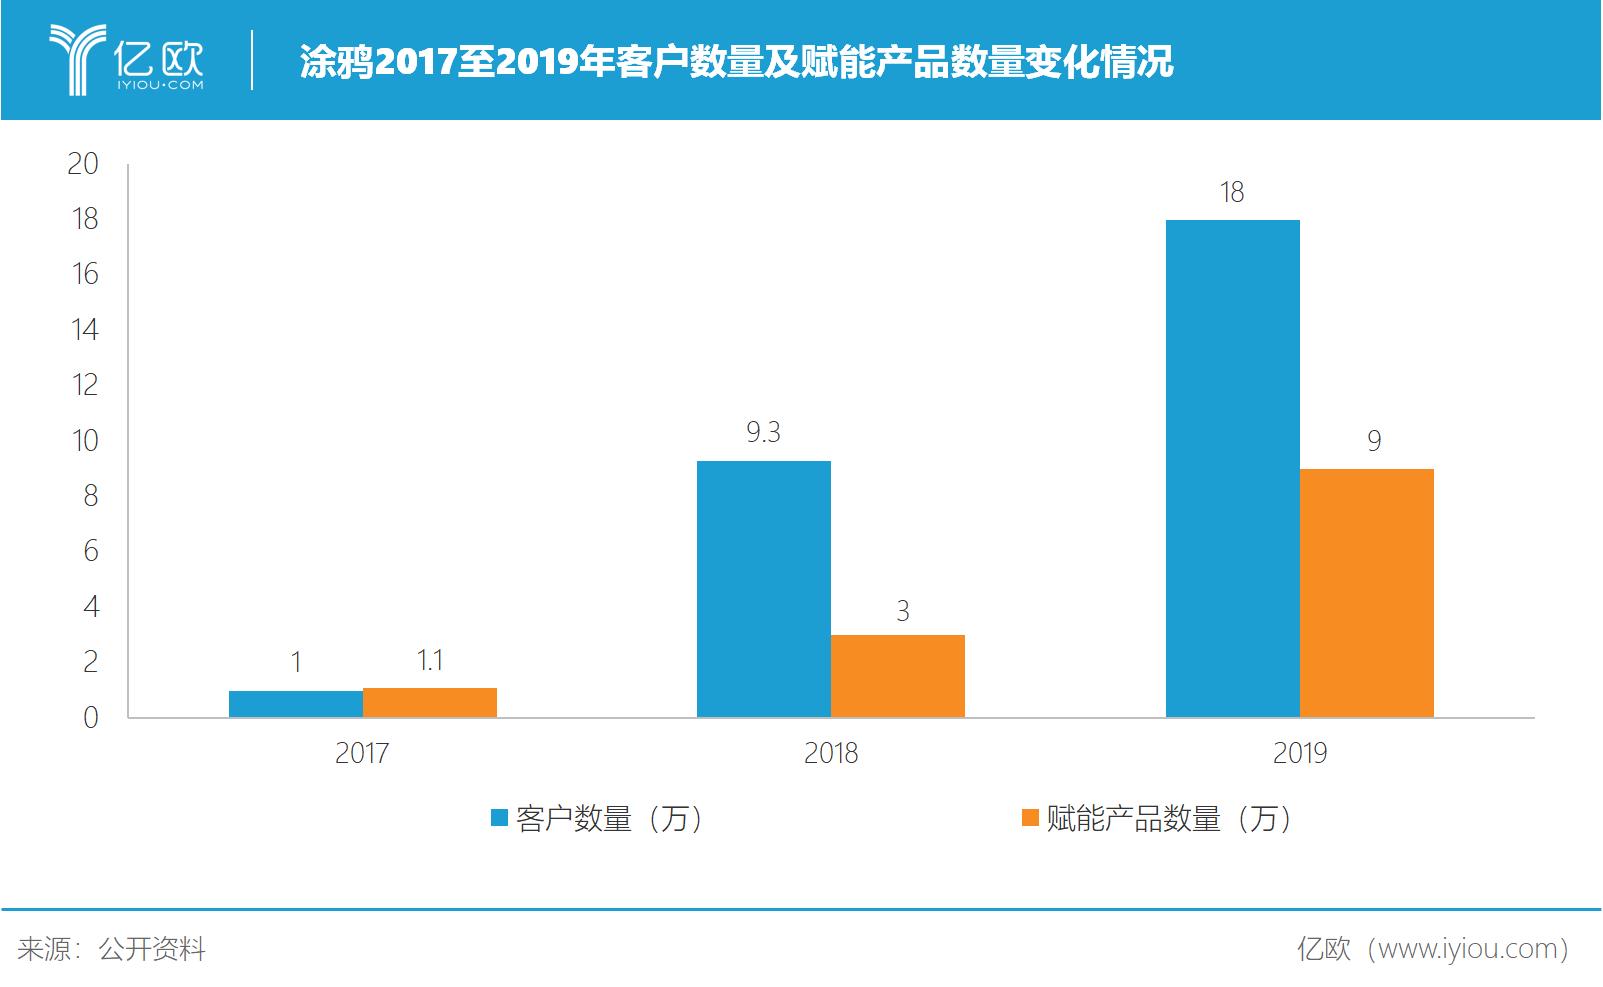 涂鸦2017至2019年客户数量及赋能产品数量.png